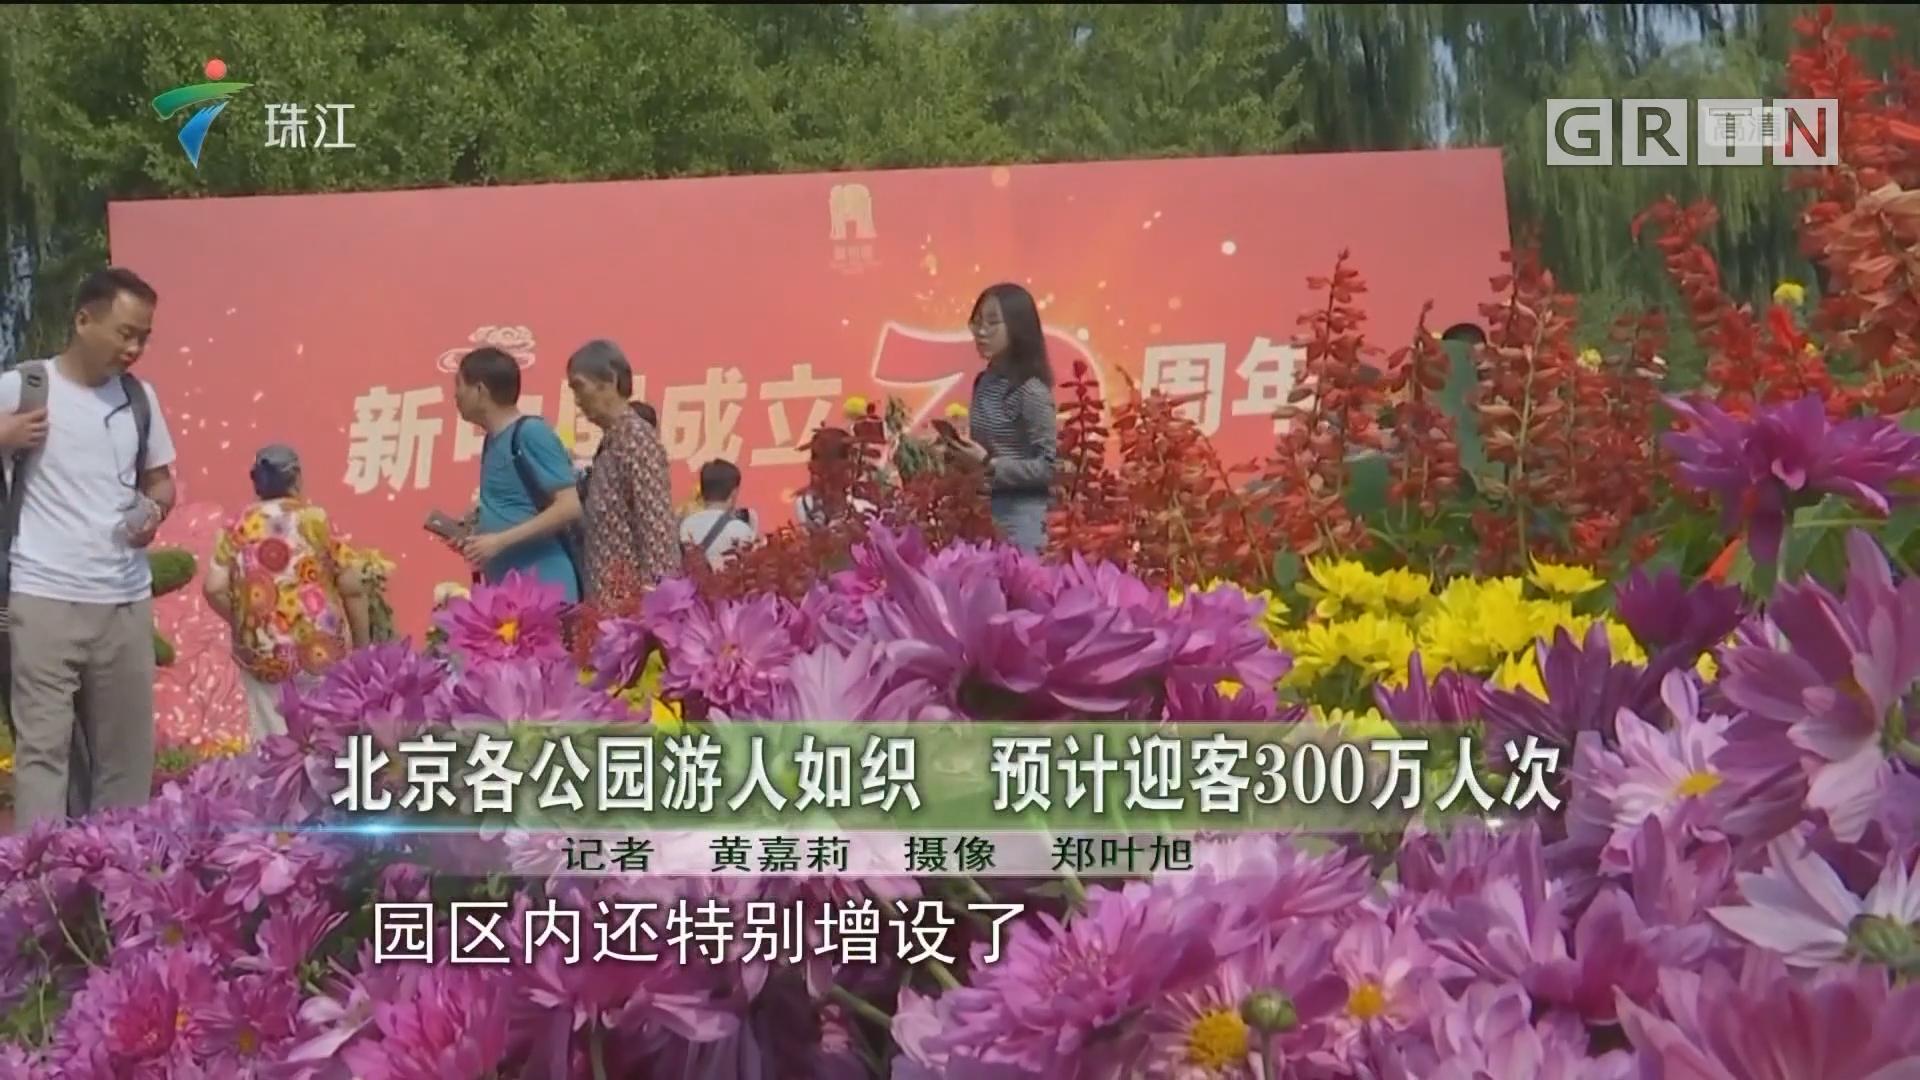 北京各公园游人如织 预计迎客300万人次